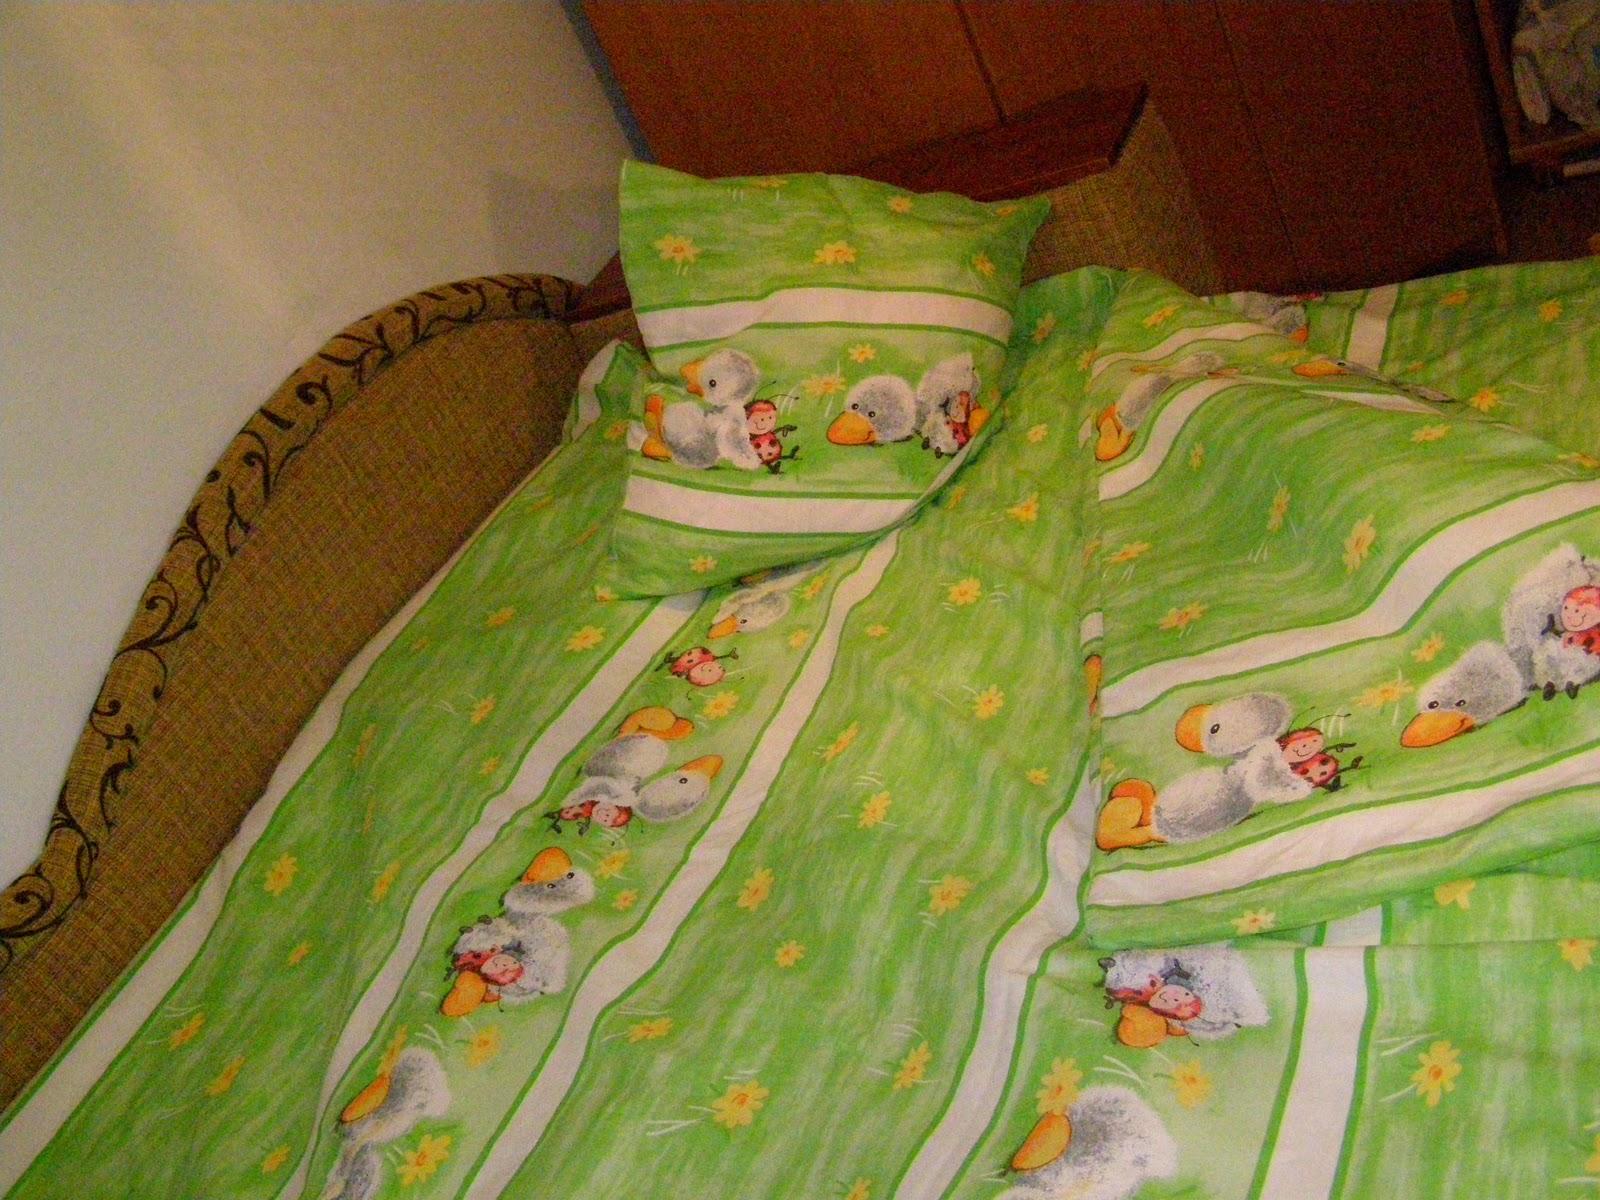 Шьем постельное белье своими руками фото